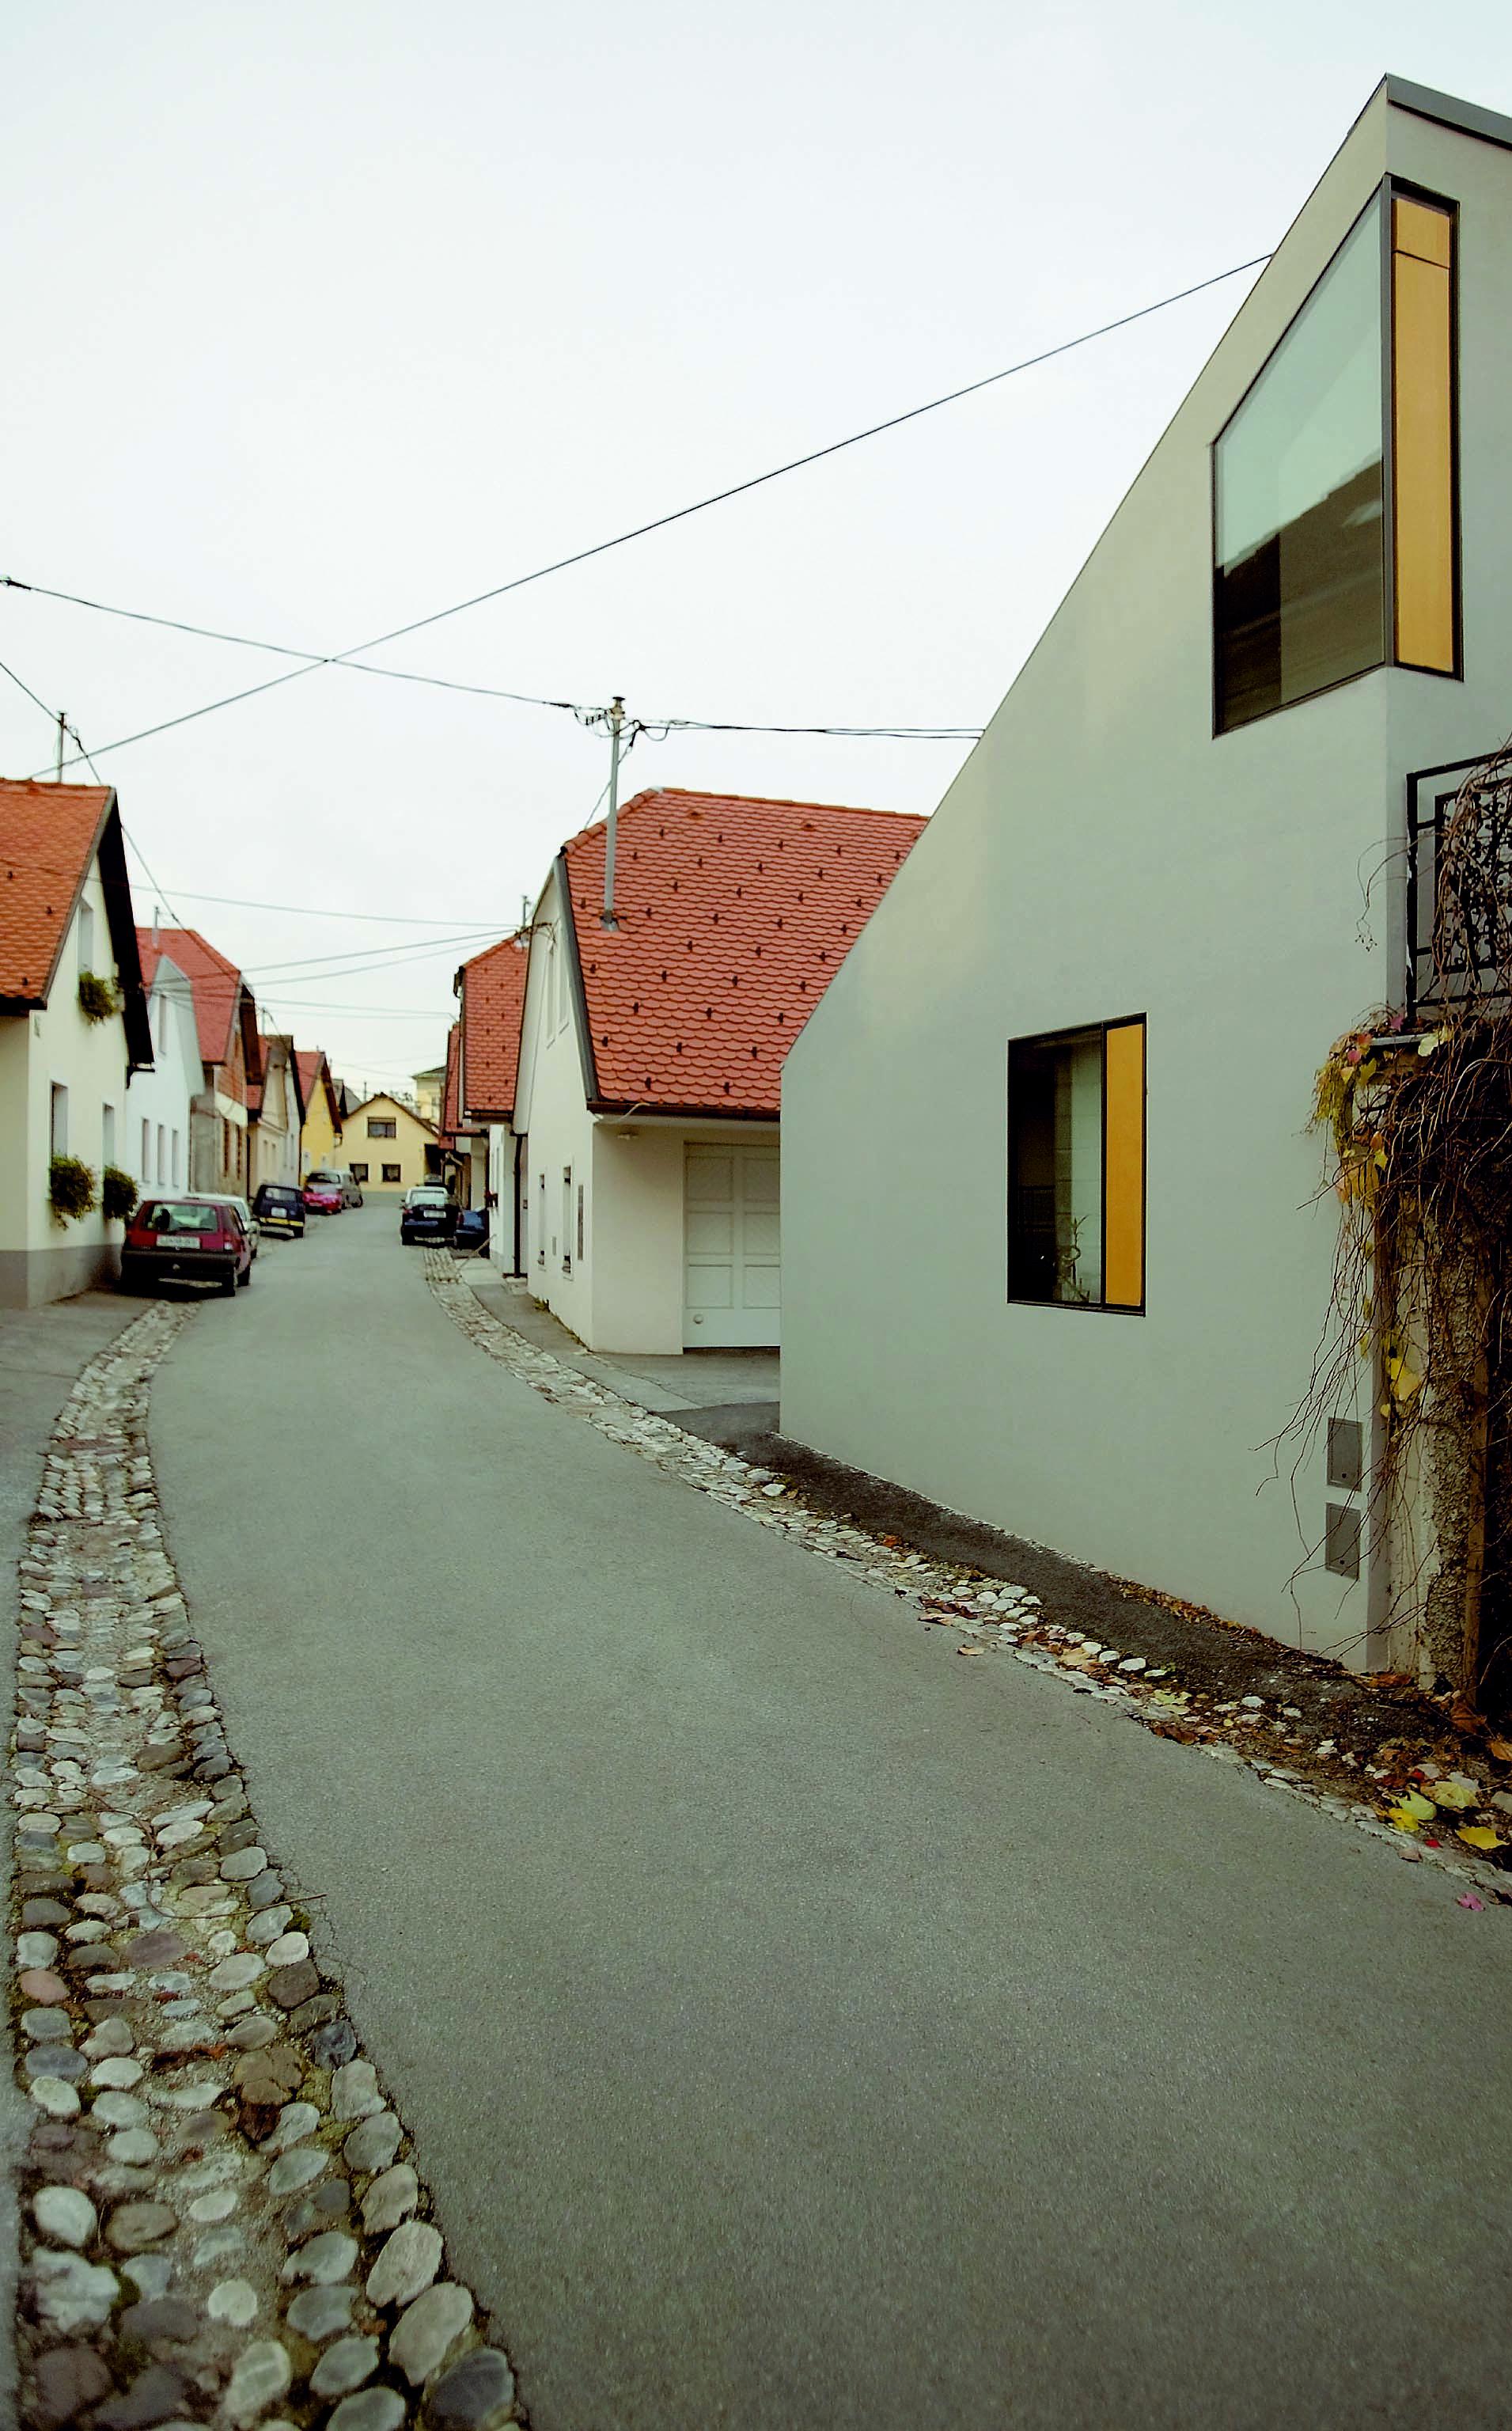 L'esterno della casa inserito nel quartiere